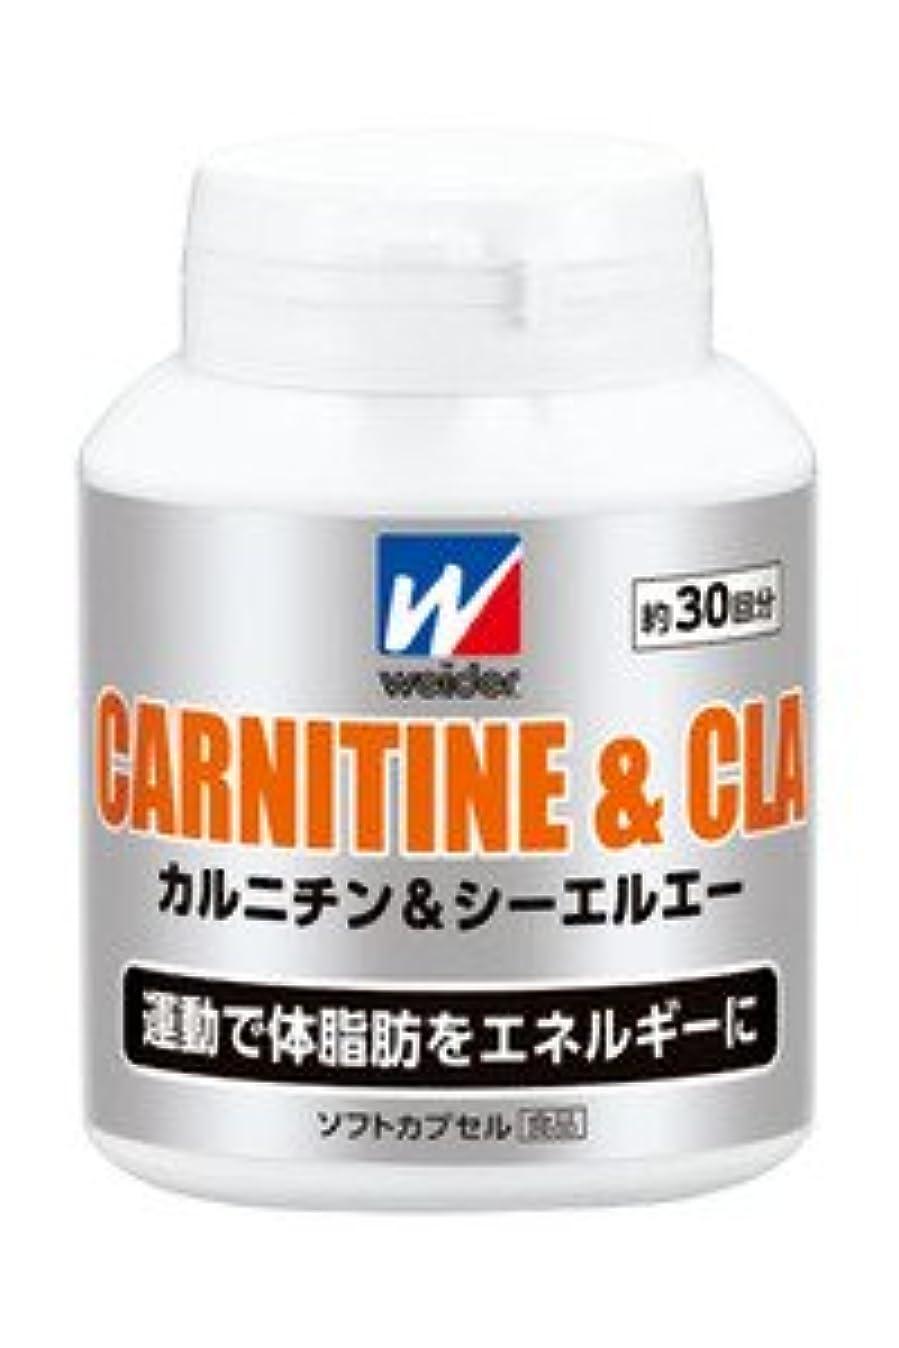 プロポーショナルズーム閉塞【ウイダー (WEIDER)】 カルニチン&CLA 88g